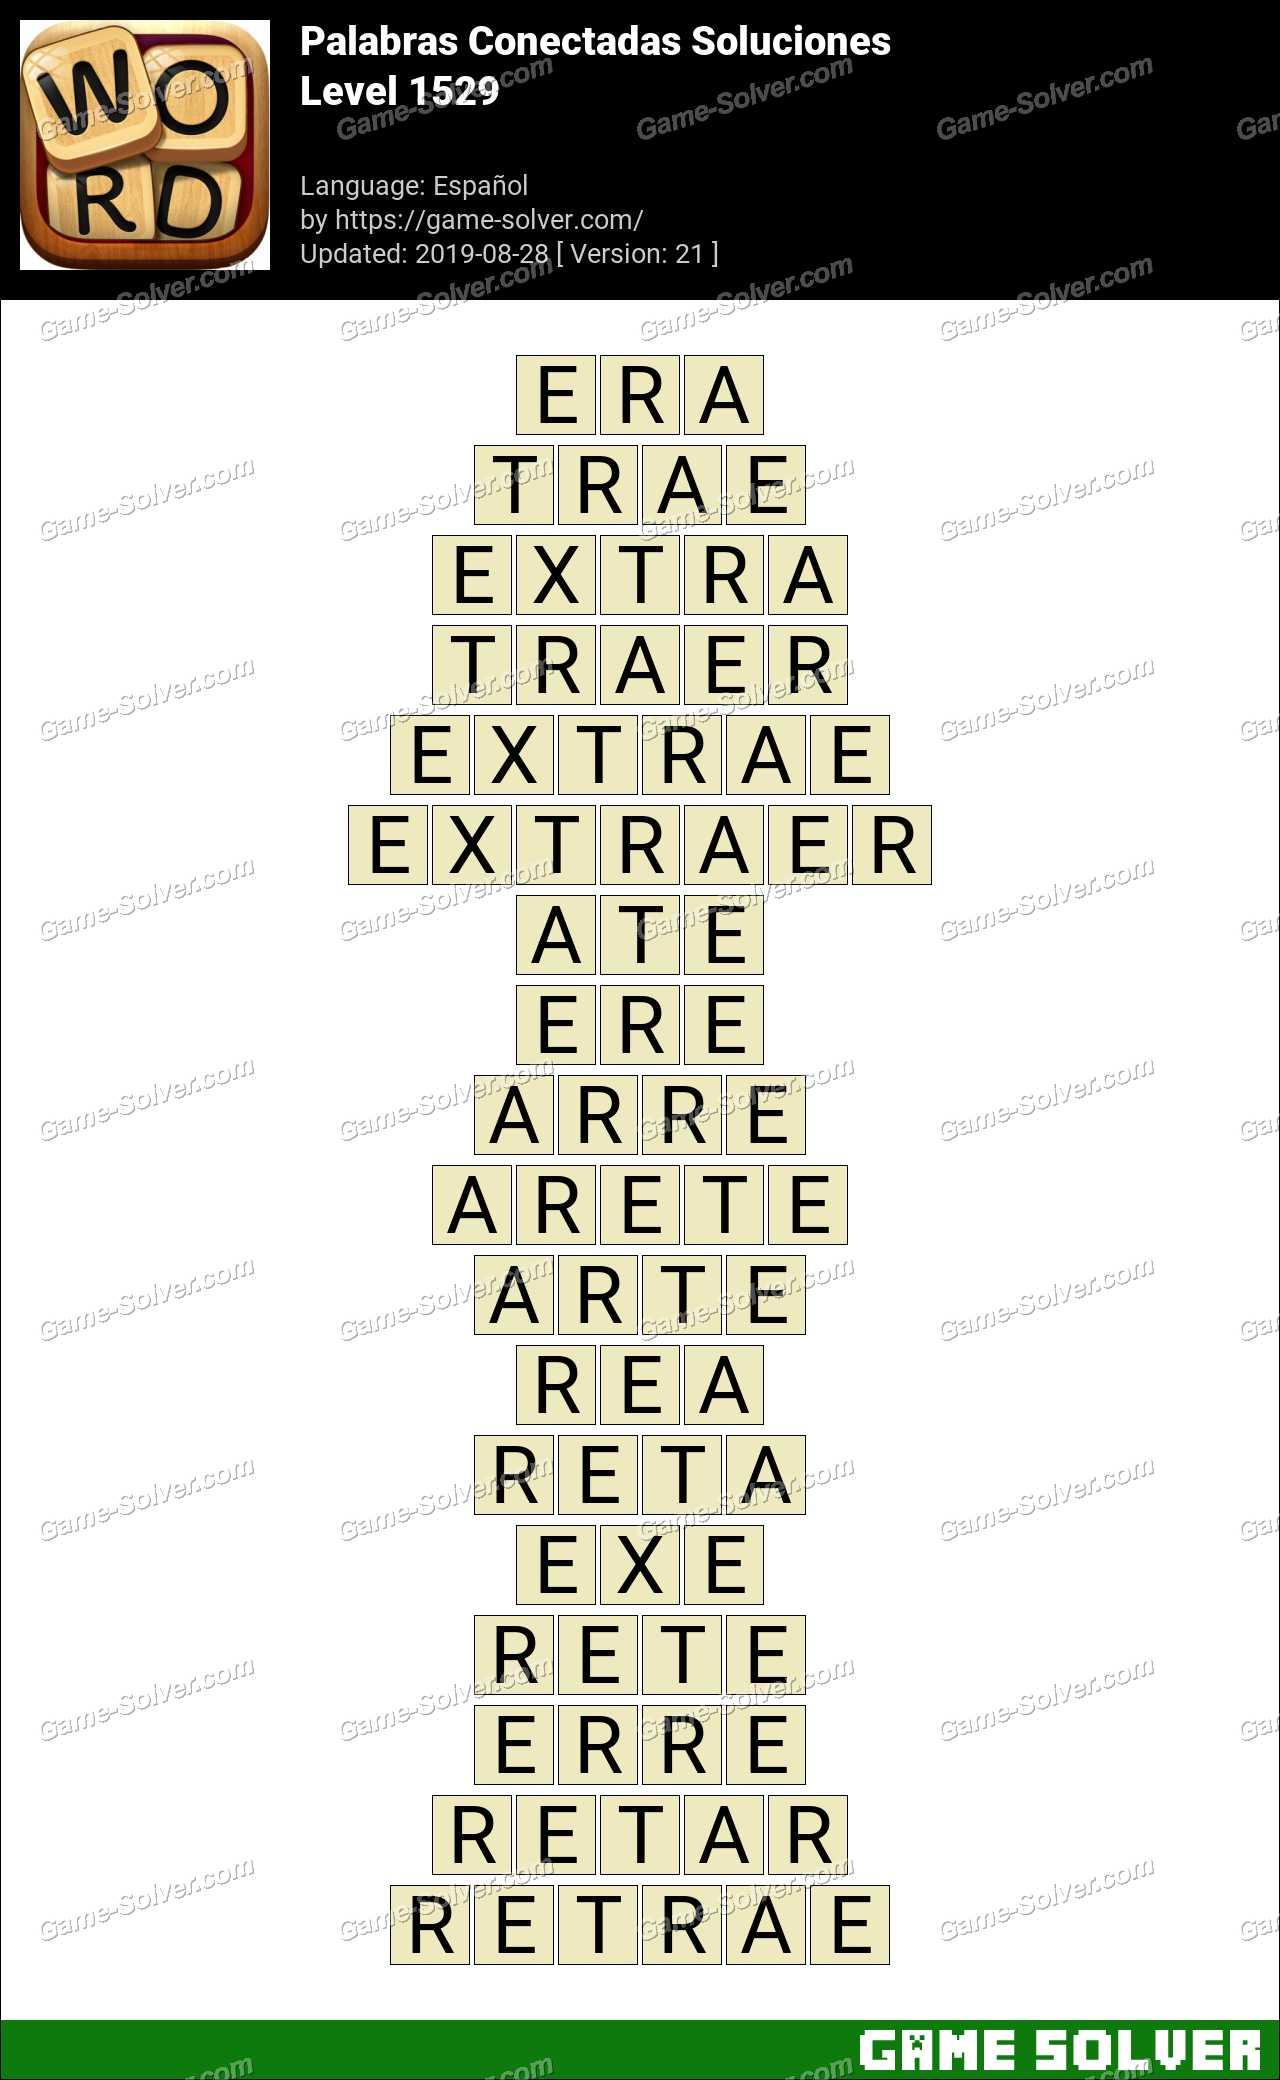 Palabras Conectadas Nivel 1529 Soluciones